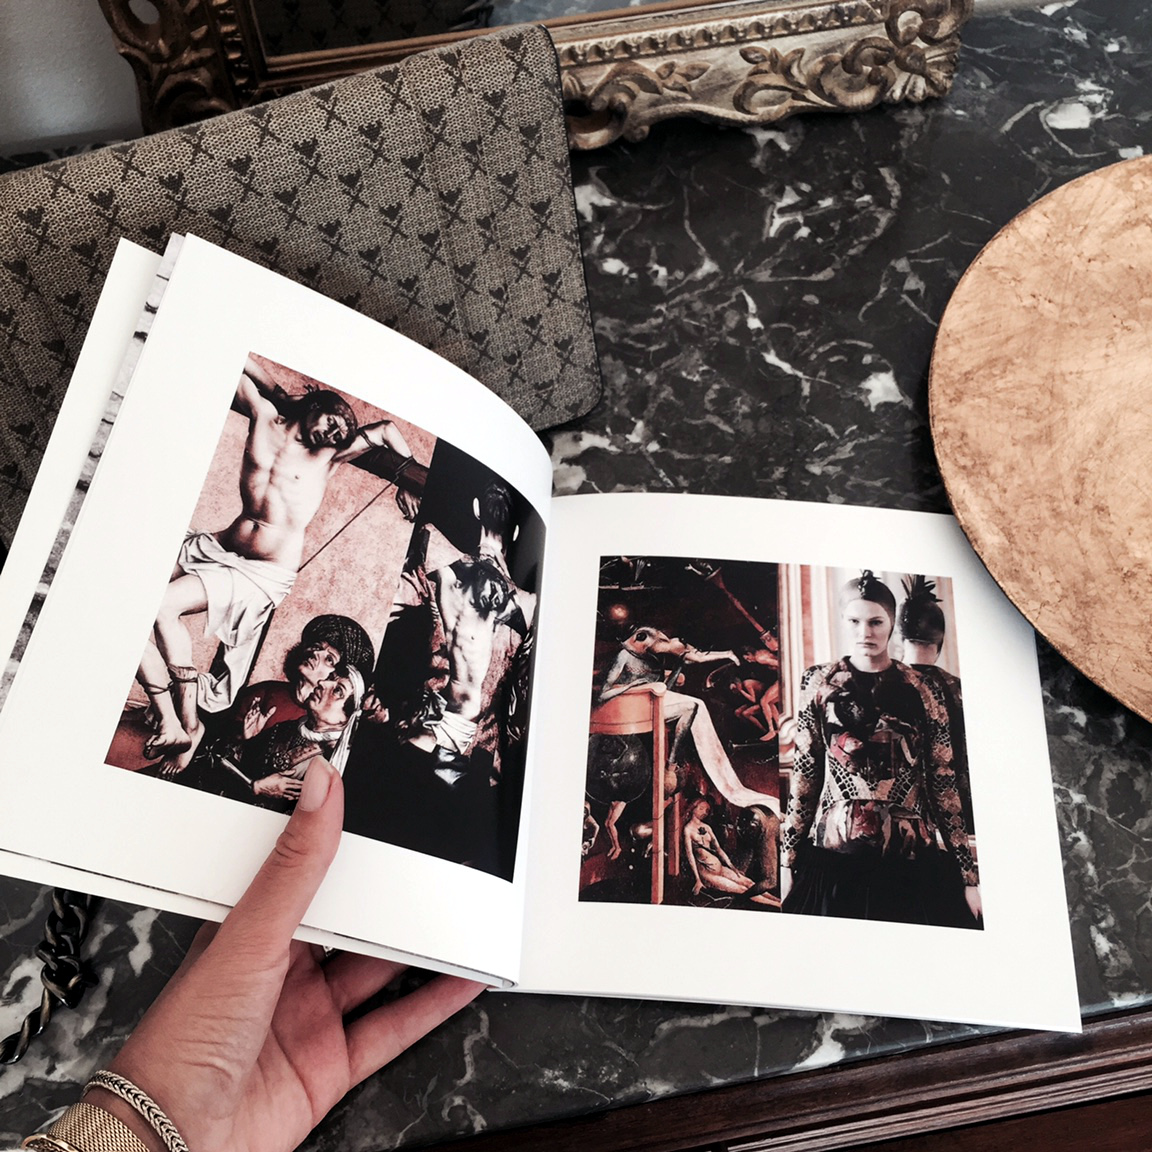 CONCOURS GIVEWAY gagne un livre photo à réaliser